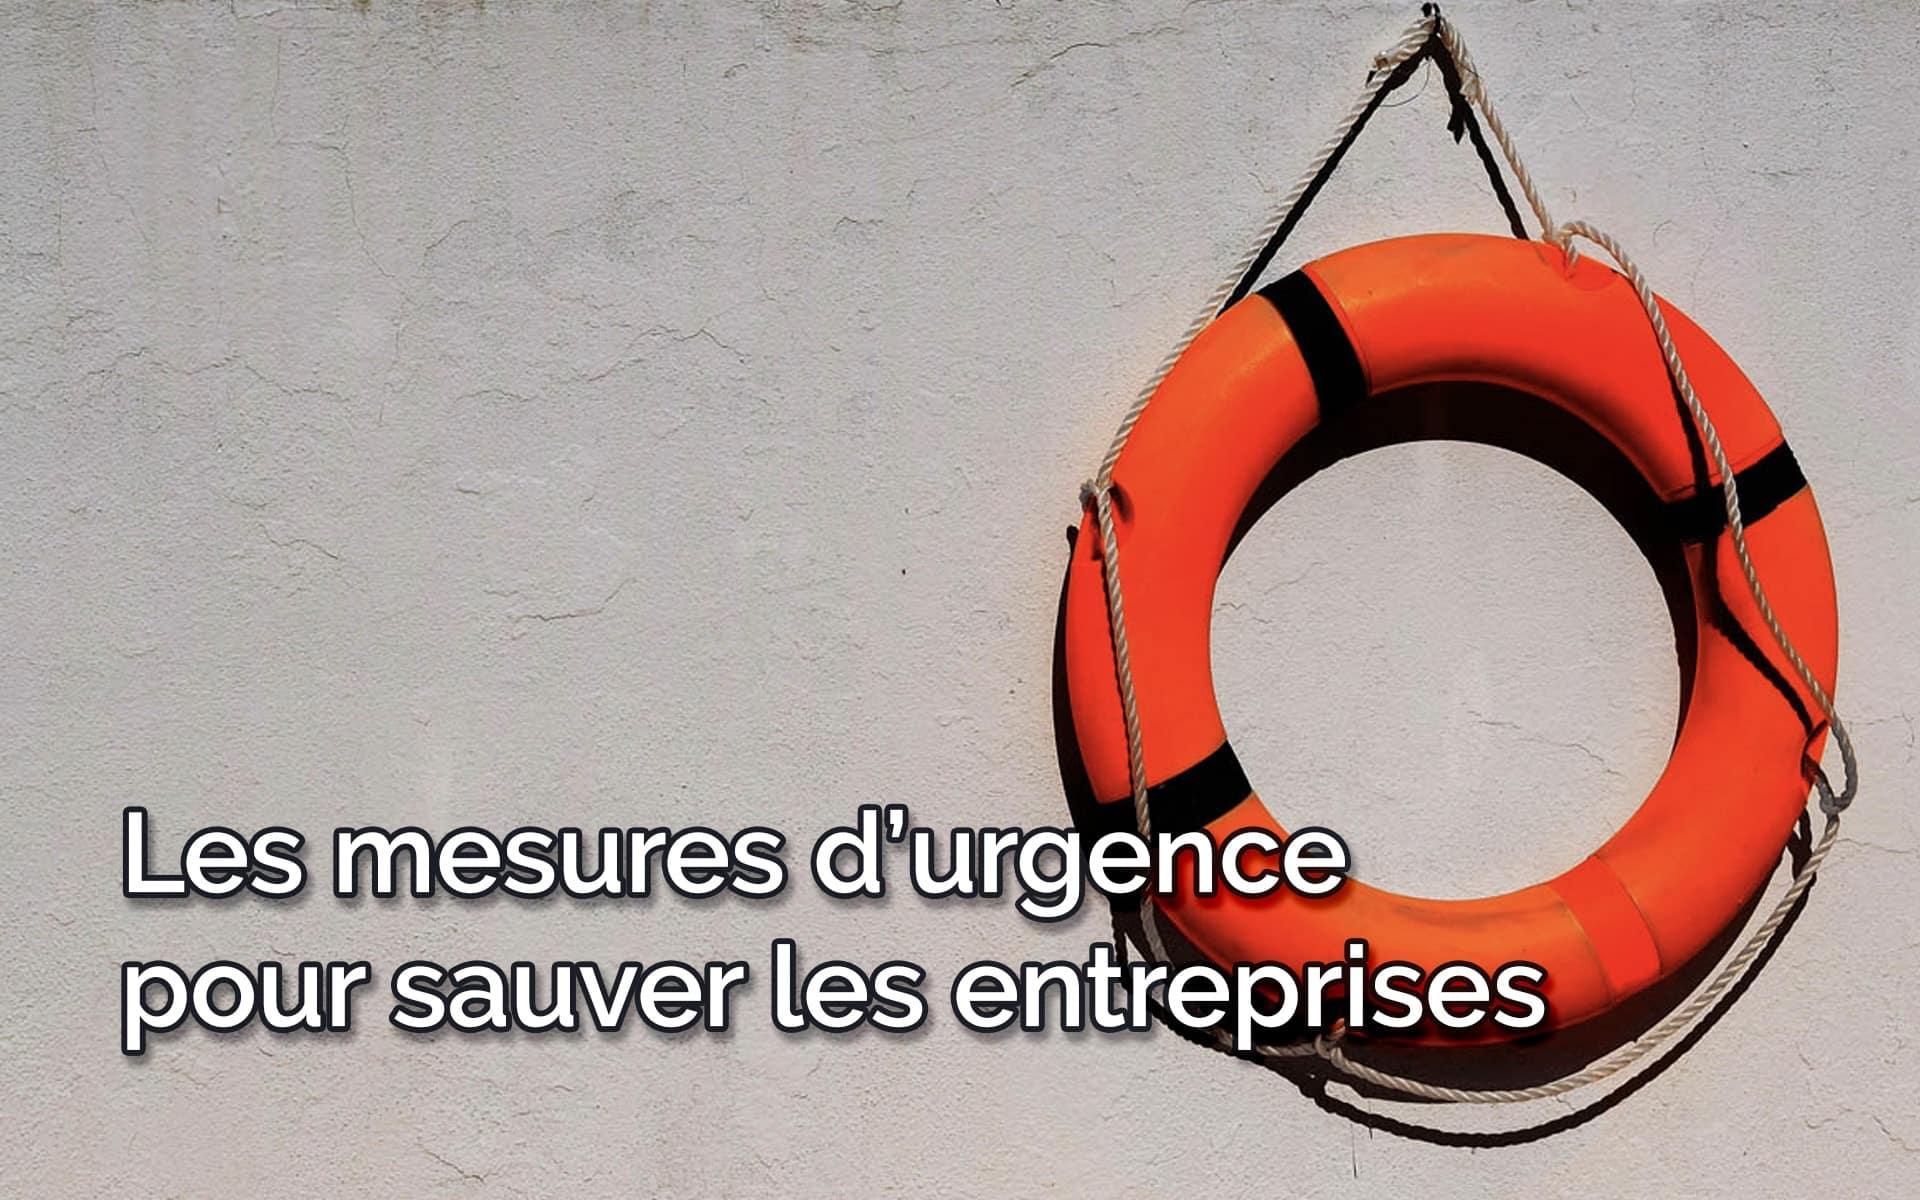 COVID-19 les mesures d'urgence pour sauver les entreprises